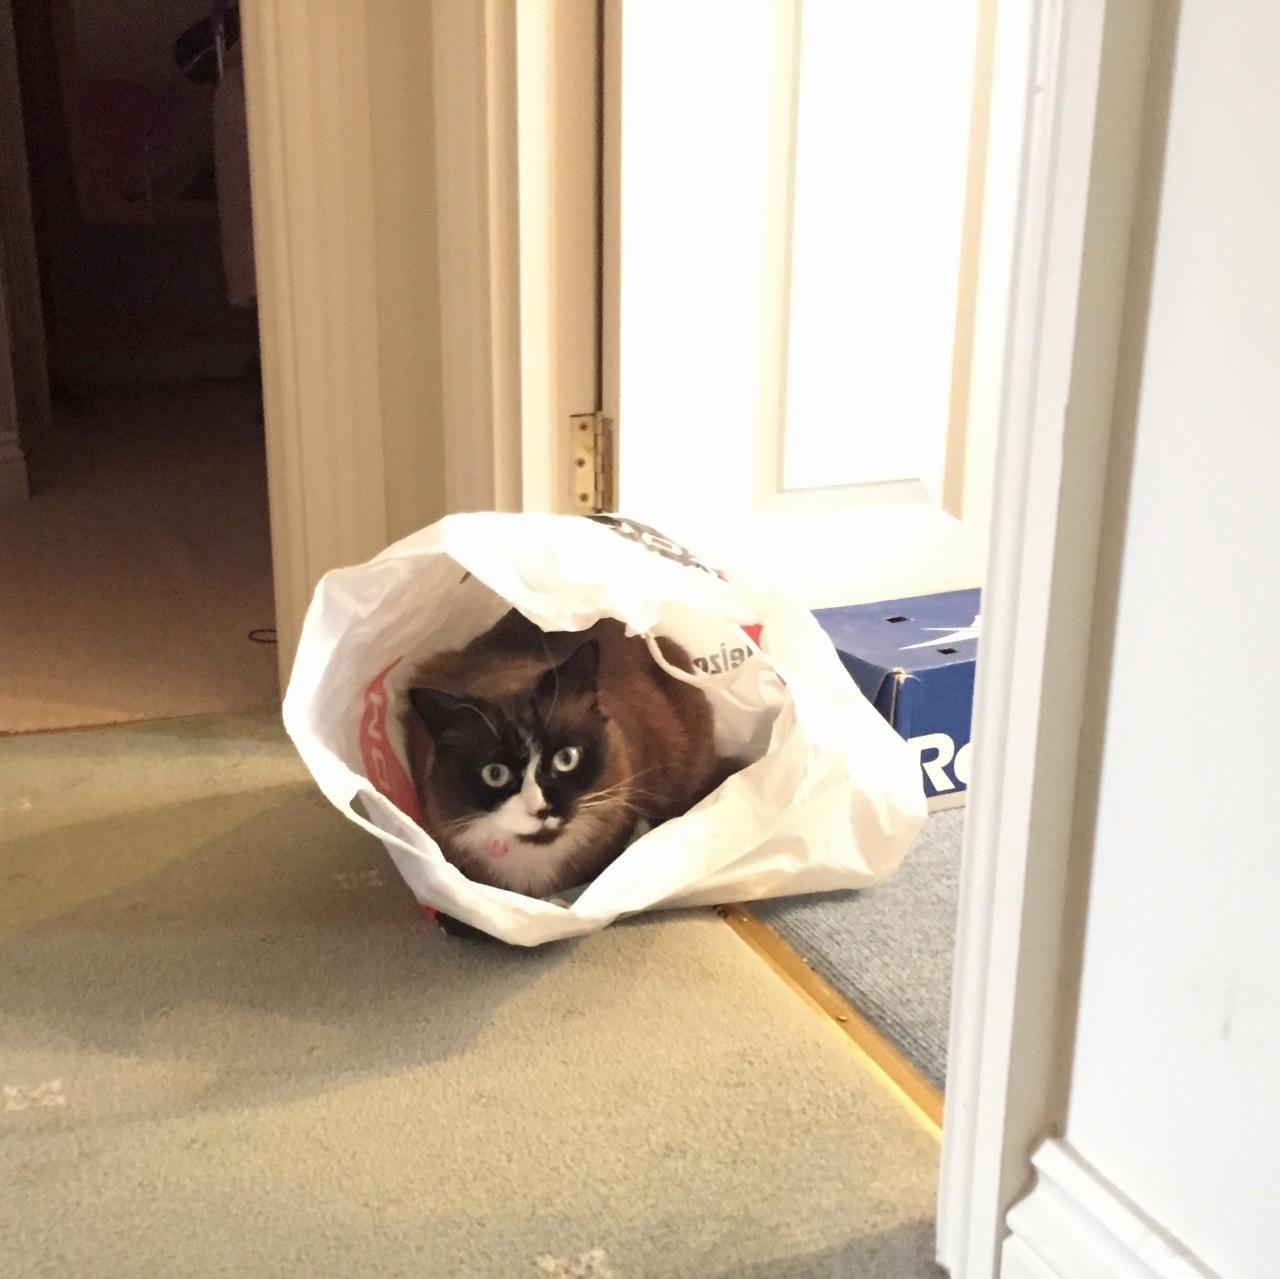 in Phil's modelling bag